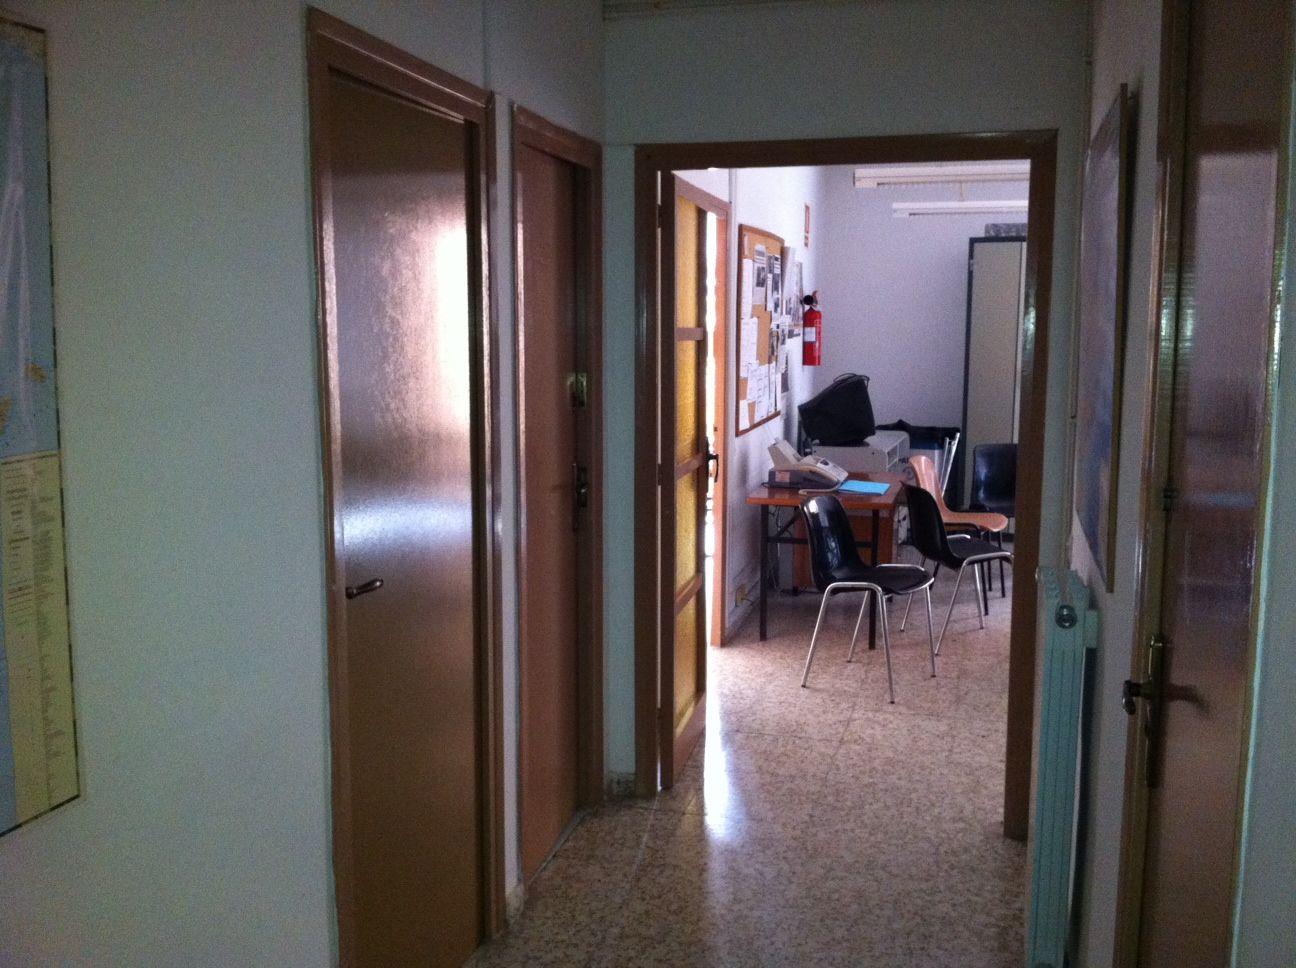 A les dues plantes superiors de l'edifici hi ha diferents habitacions, que ara no s'utilitzen (foto: Fundació Bonanit)